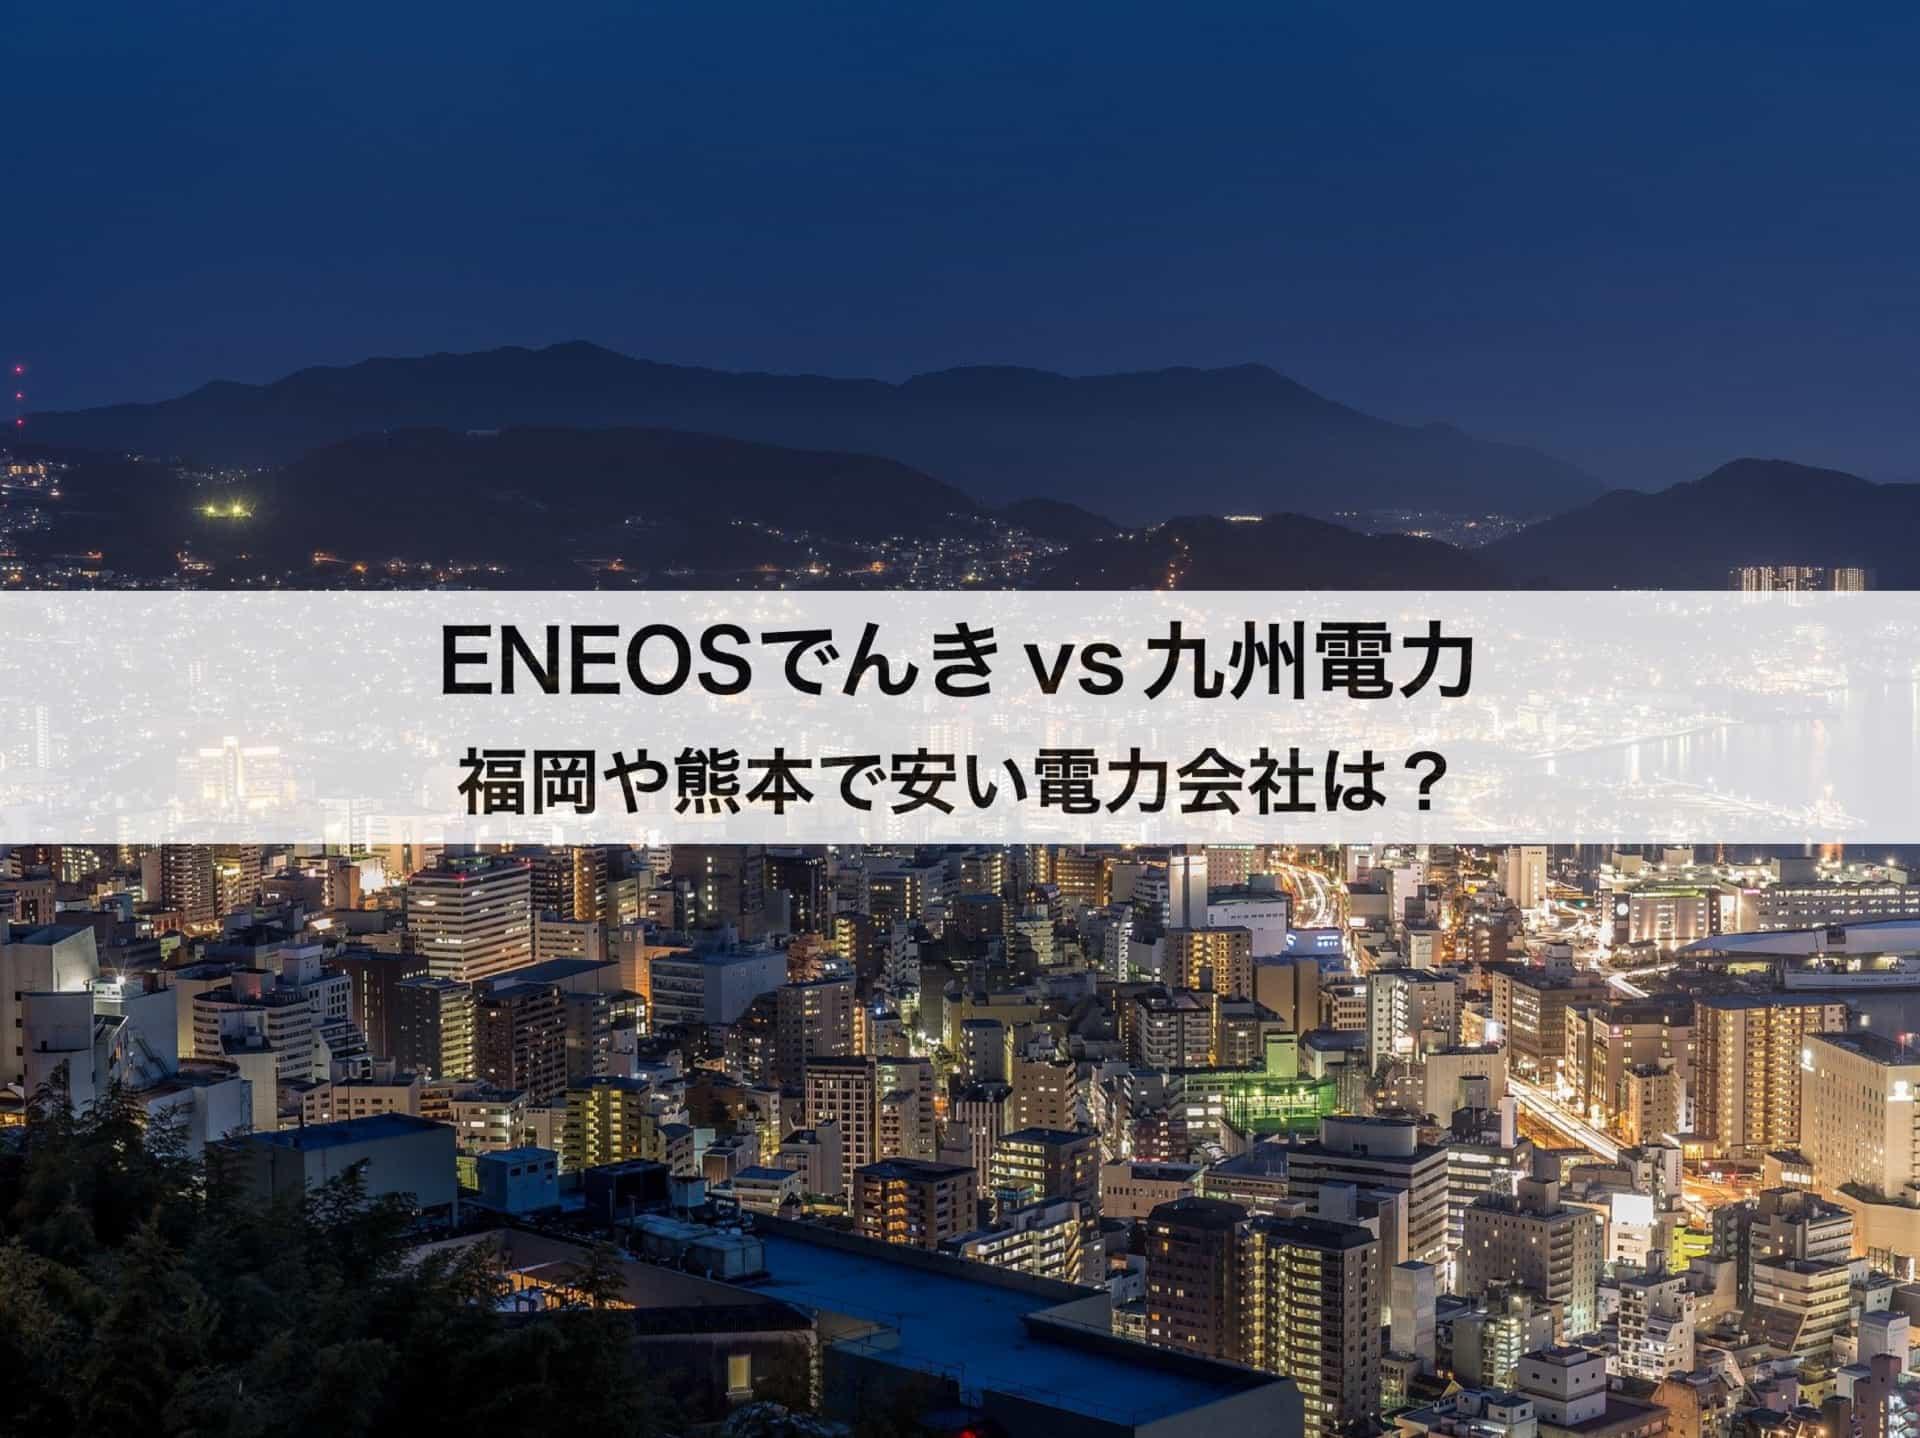 九州電力とENEOSでんきの料金を徹底比較 福岡や熊本で安い電力会社とは?